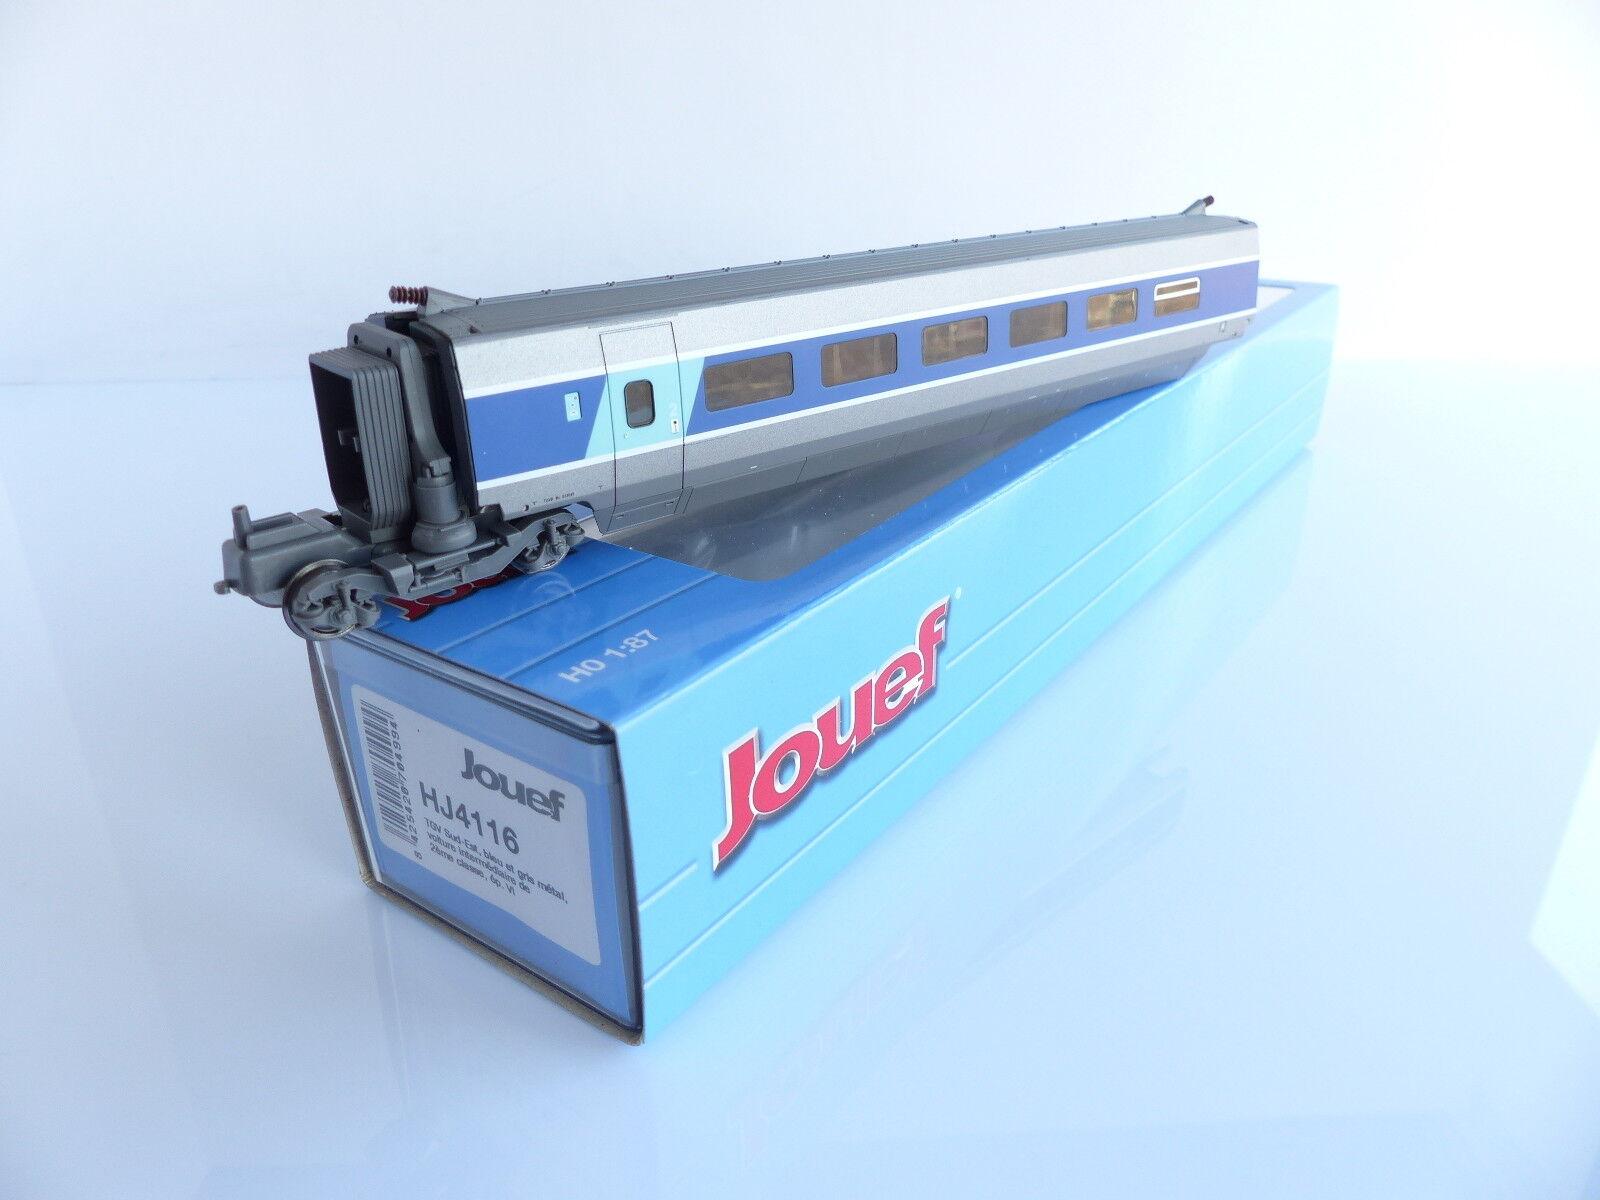 JOUEF HJ4116 VOITURE INTERMEDIAIRE 2E CLASSE TGV SUD-EST Blau ET grau METAL